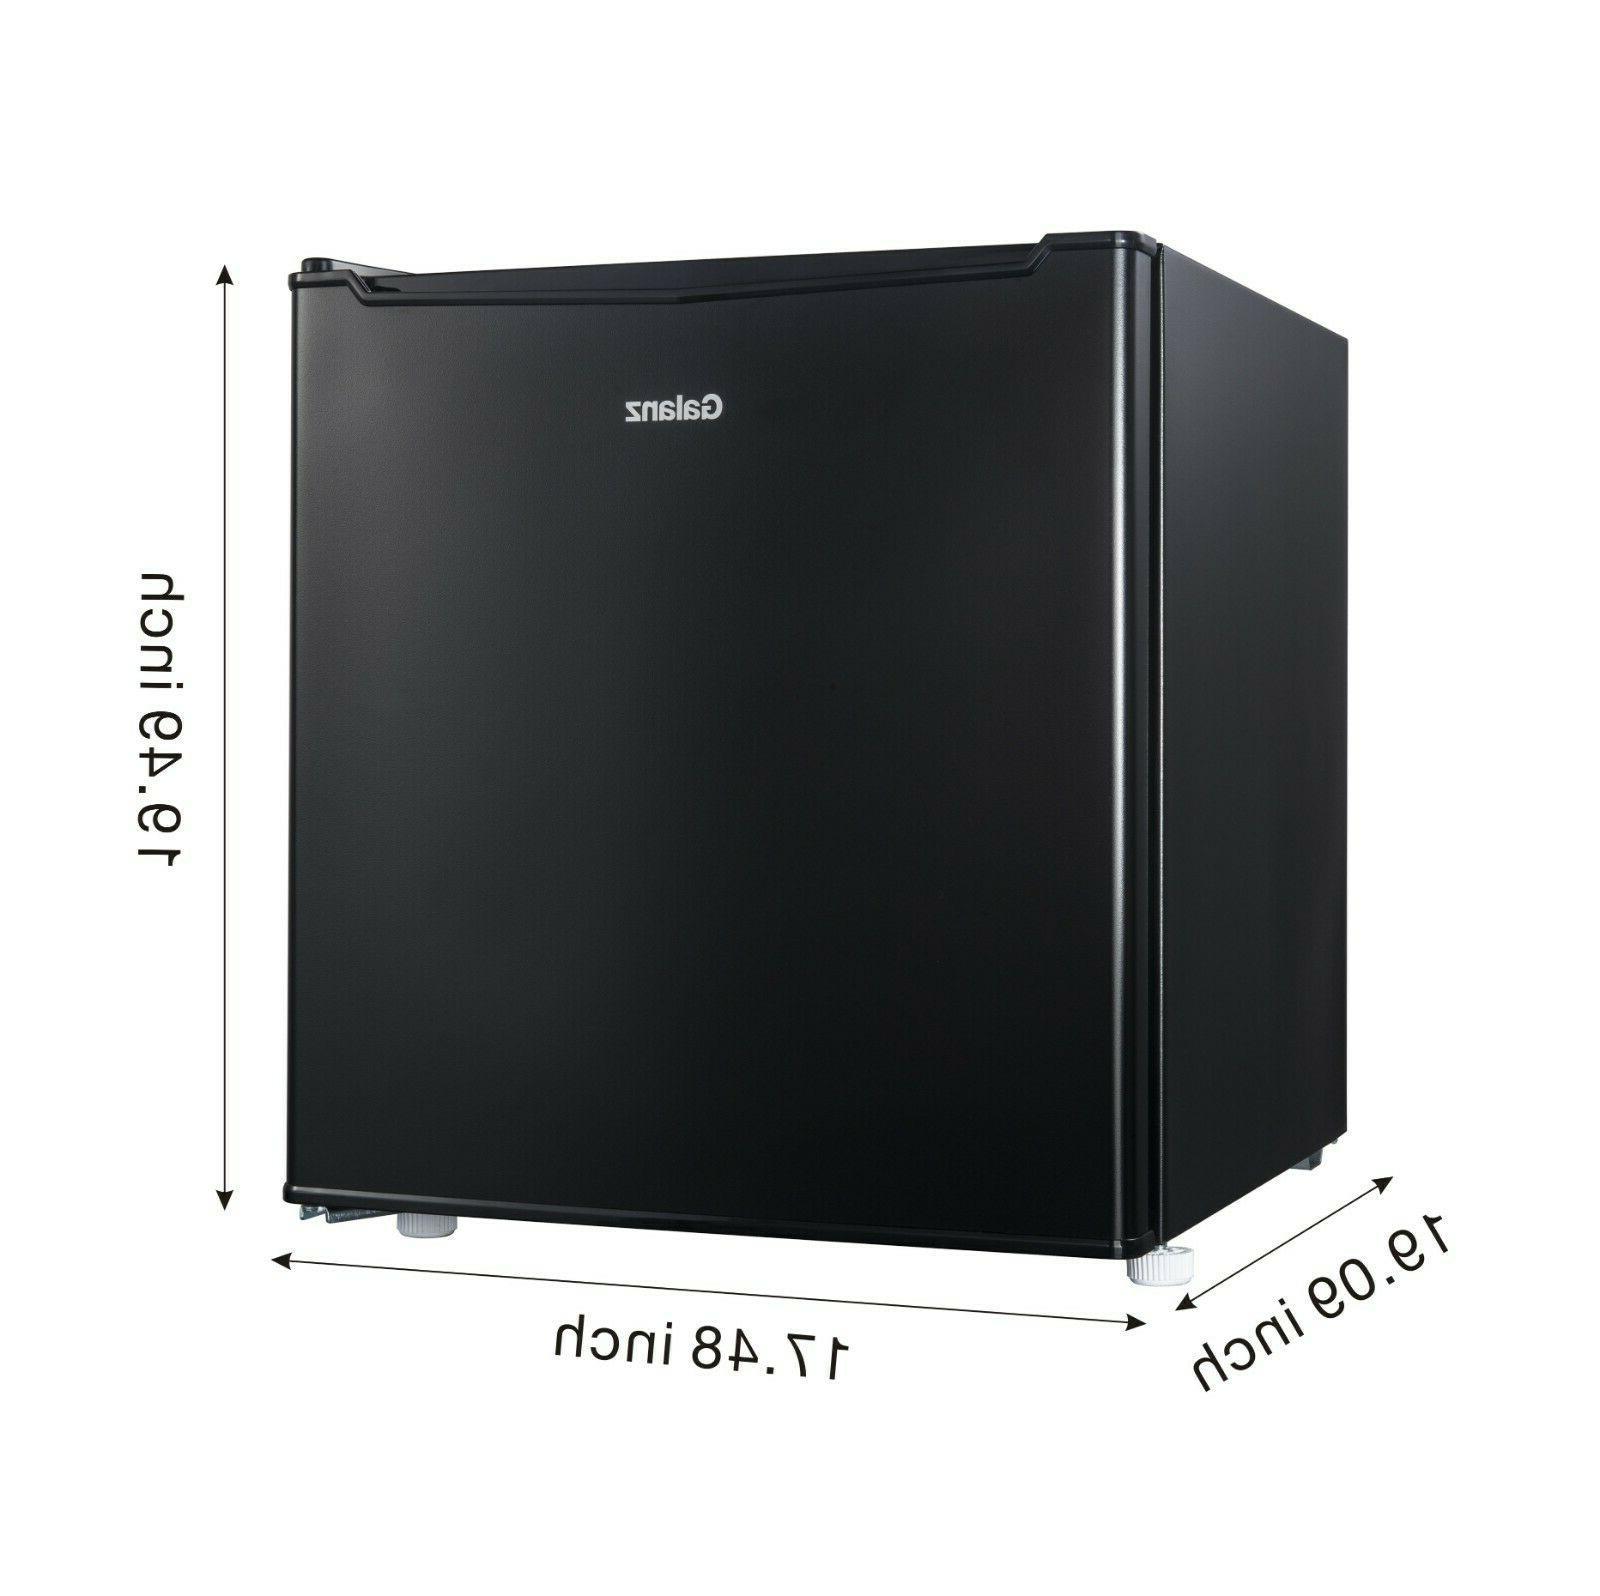 Single Door compact freeze cooler